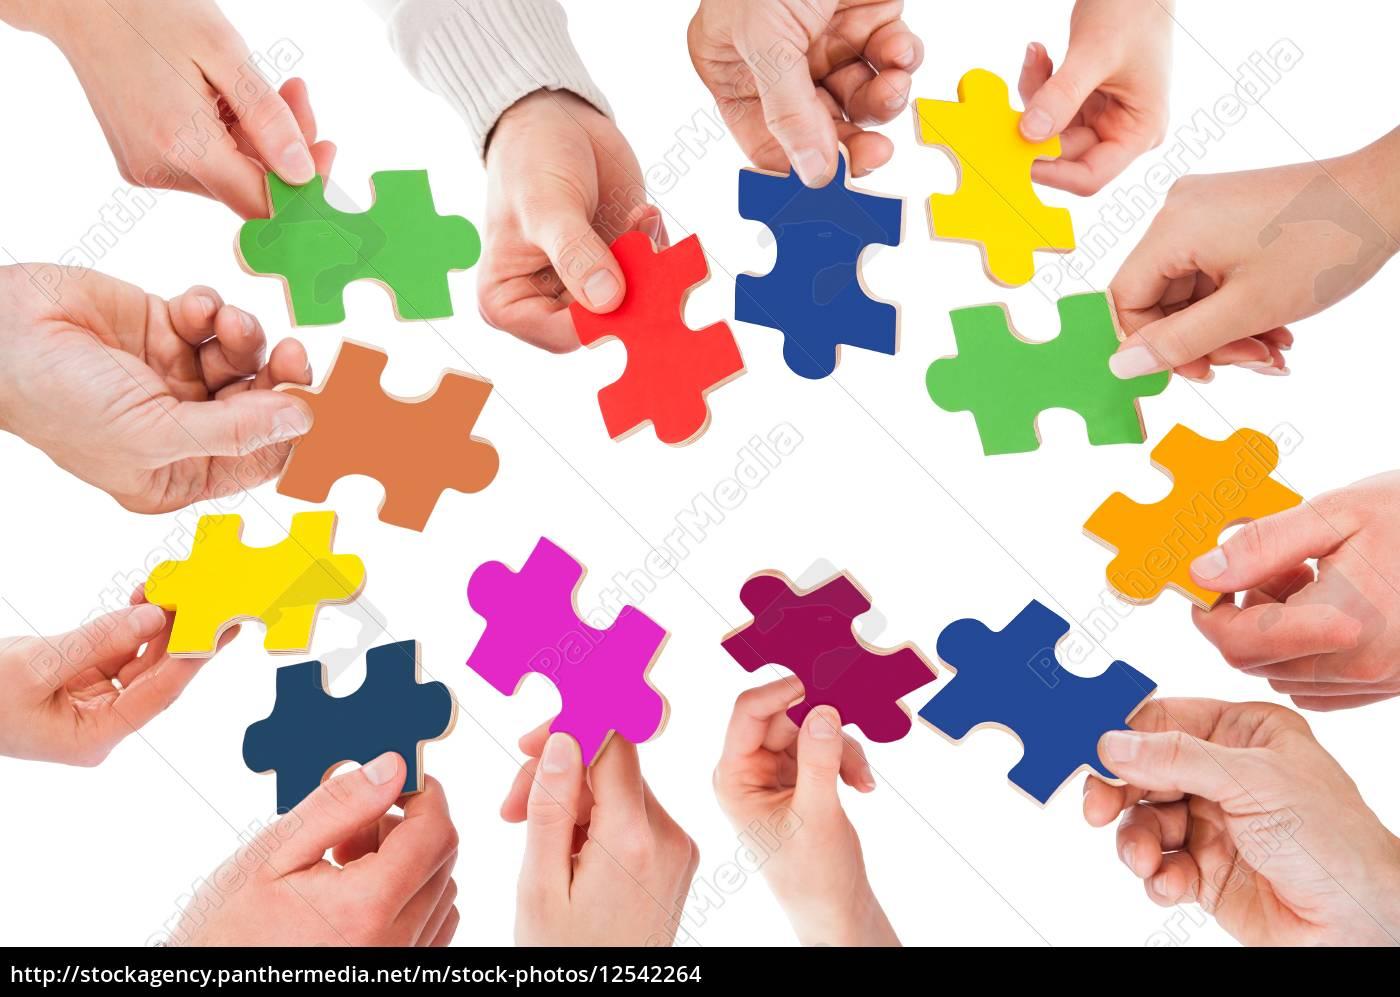 fünf, personen, hand, mit, puzzle - 12542264